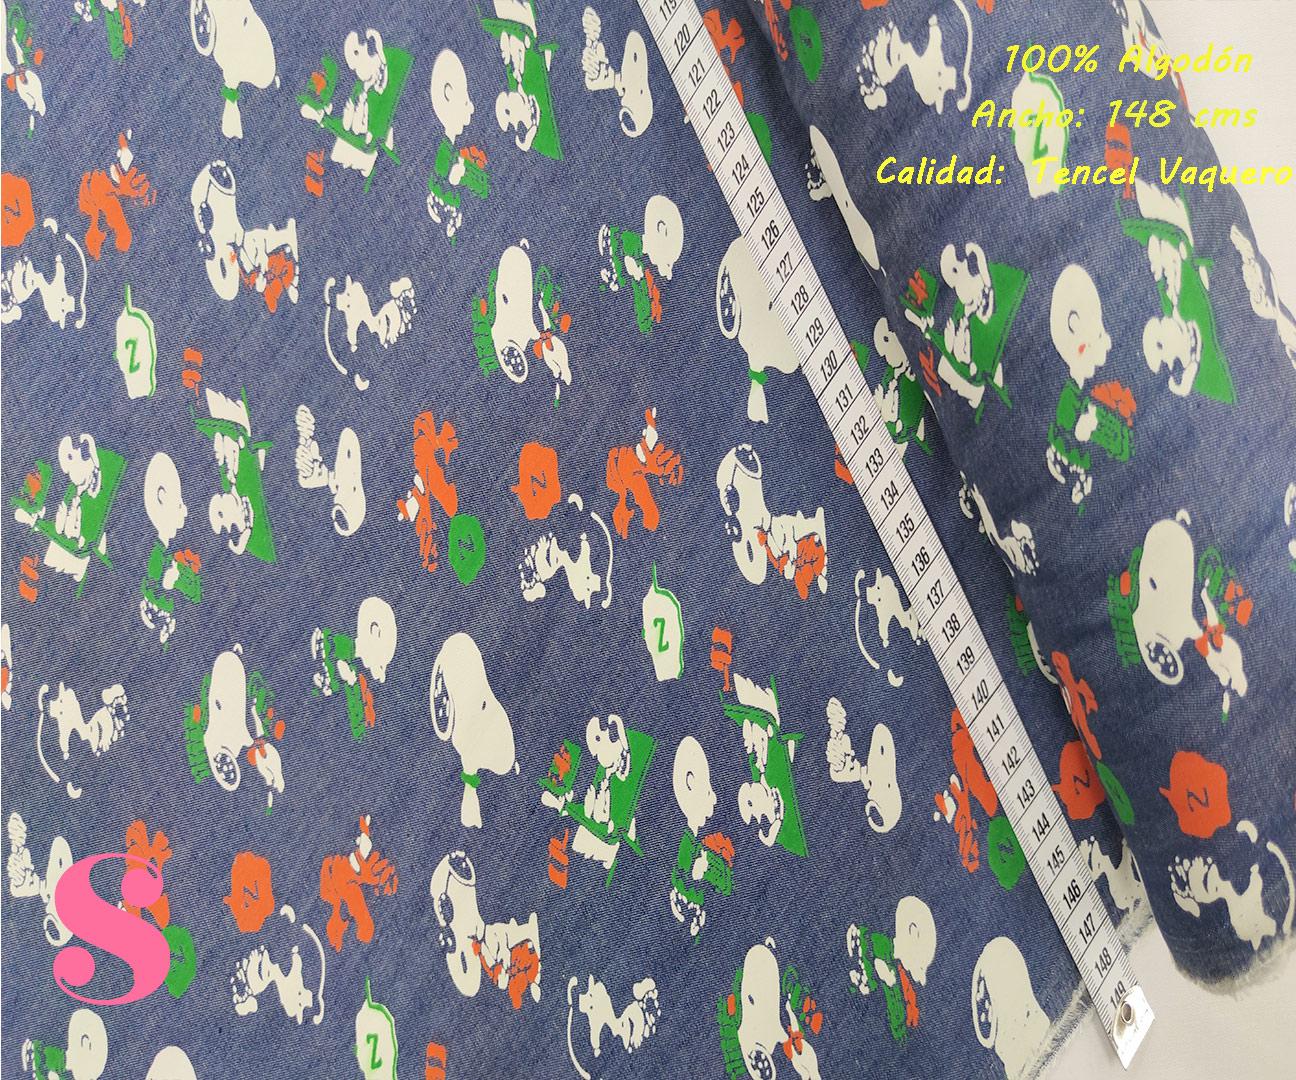 494-snoopy-tencel-vaquero-tejidos-algodón-estampado-percal,Tejido Tencel Vaquero Estampado Snoopy